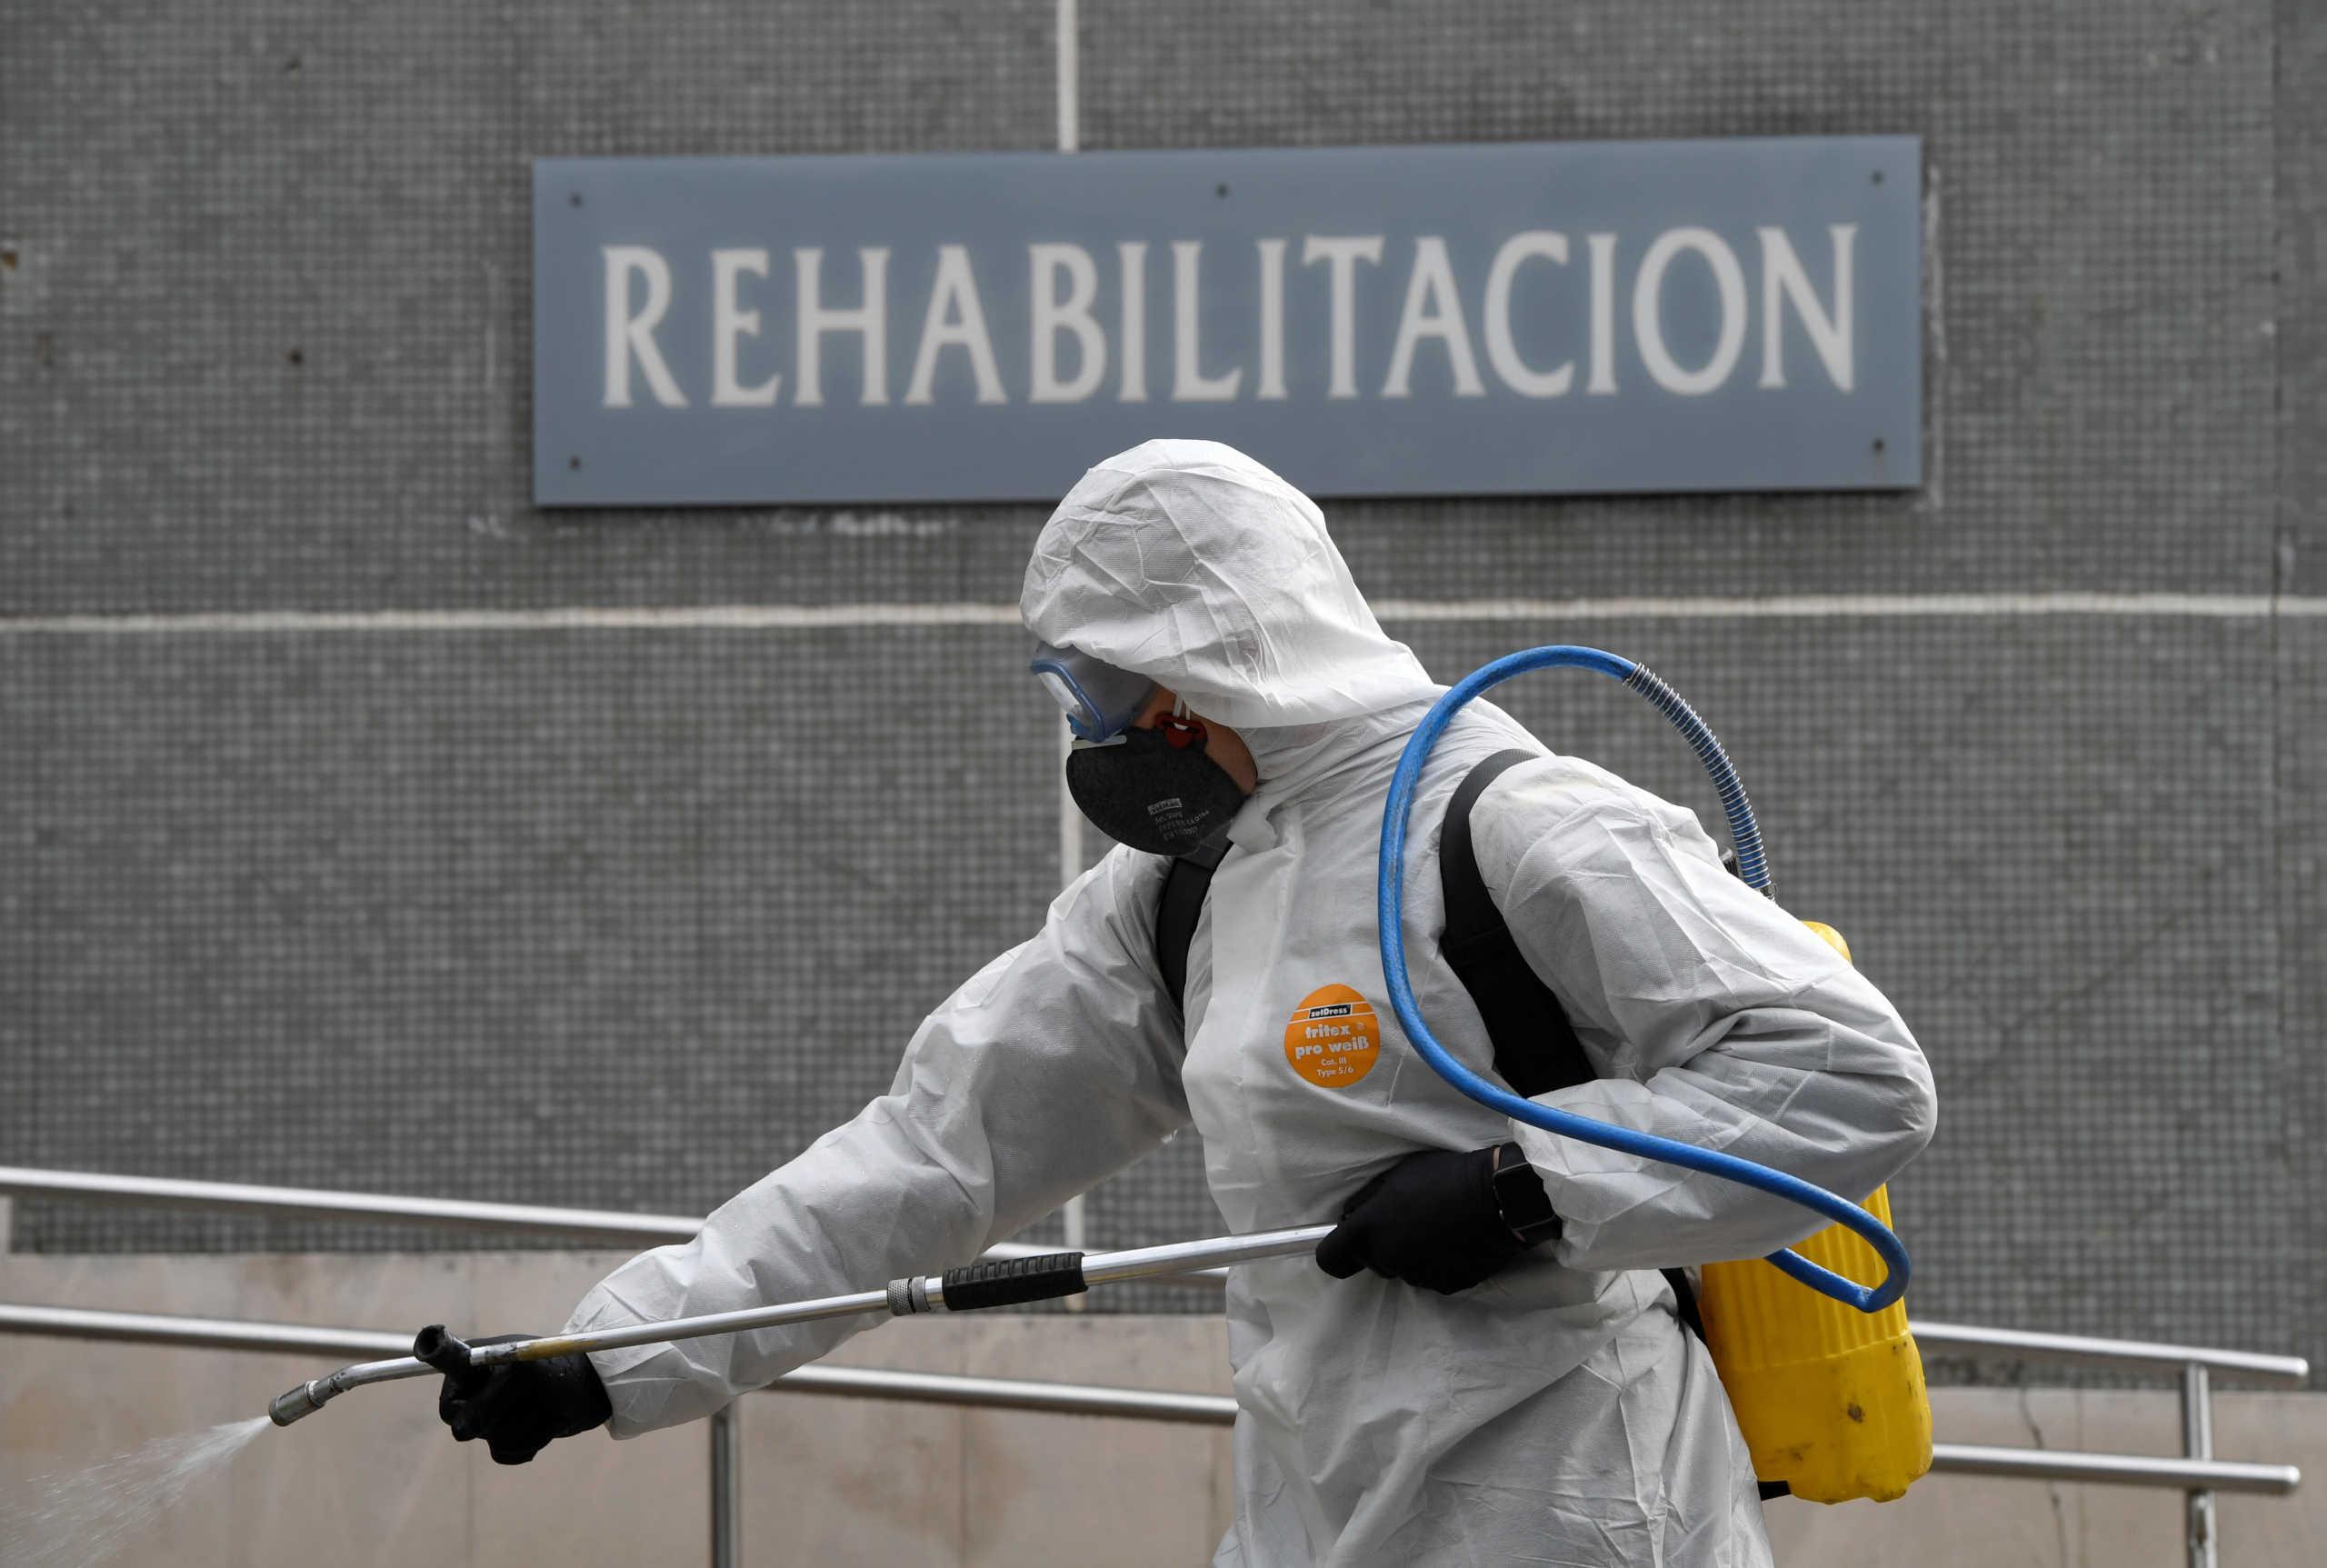 Ξεπέρασαν τους 2.000 οι νεκροί από τον κορονοϊό στην Ισπανία! Video σοκ μέσα από νοσοκομείο!